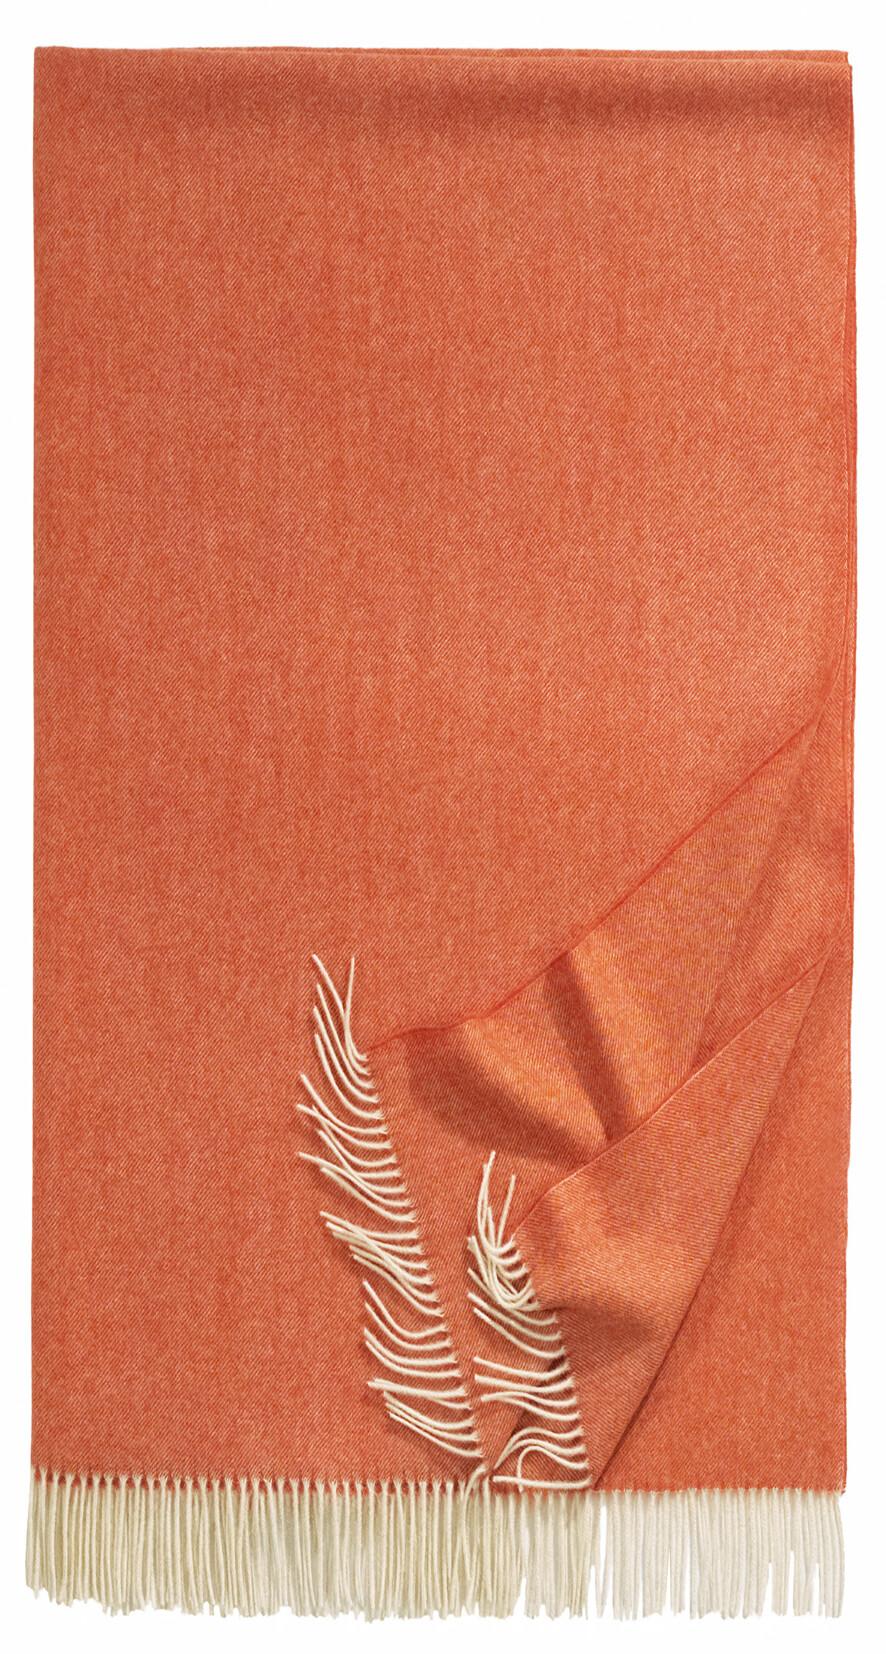 Bild von 012-0045-121, Variante orange